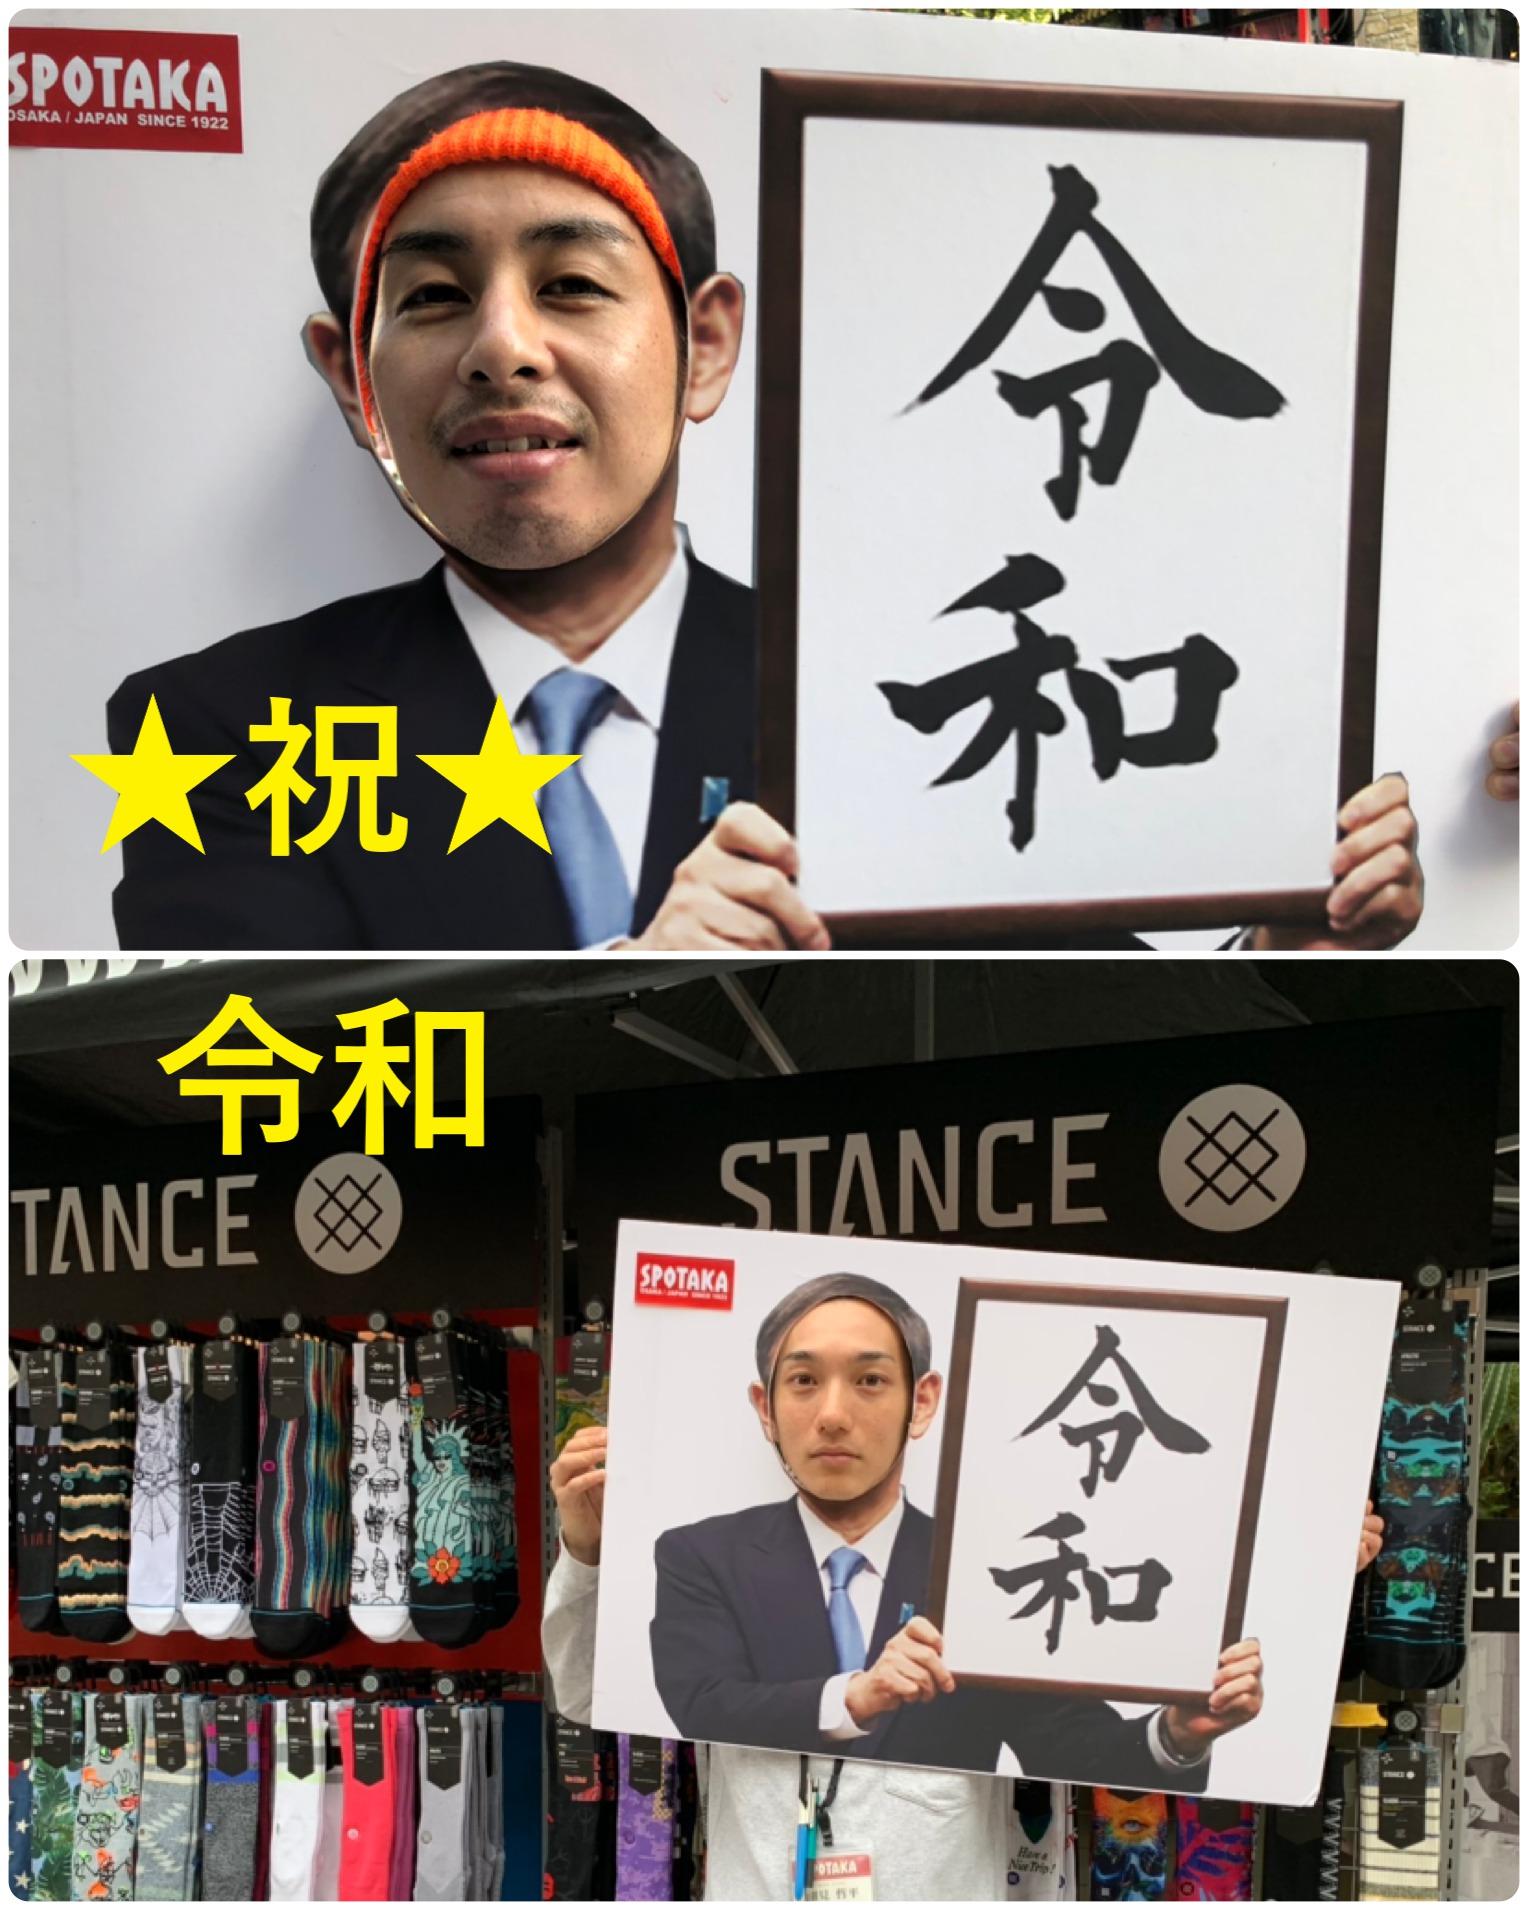 祝!令和!! 令和初イベント!  STANCE x スーツ x サンダル